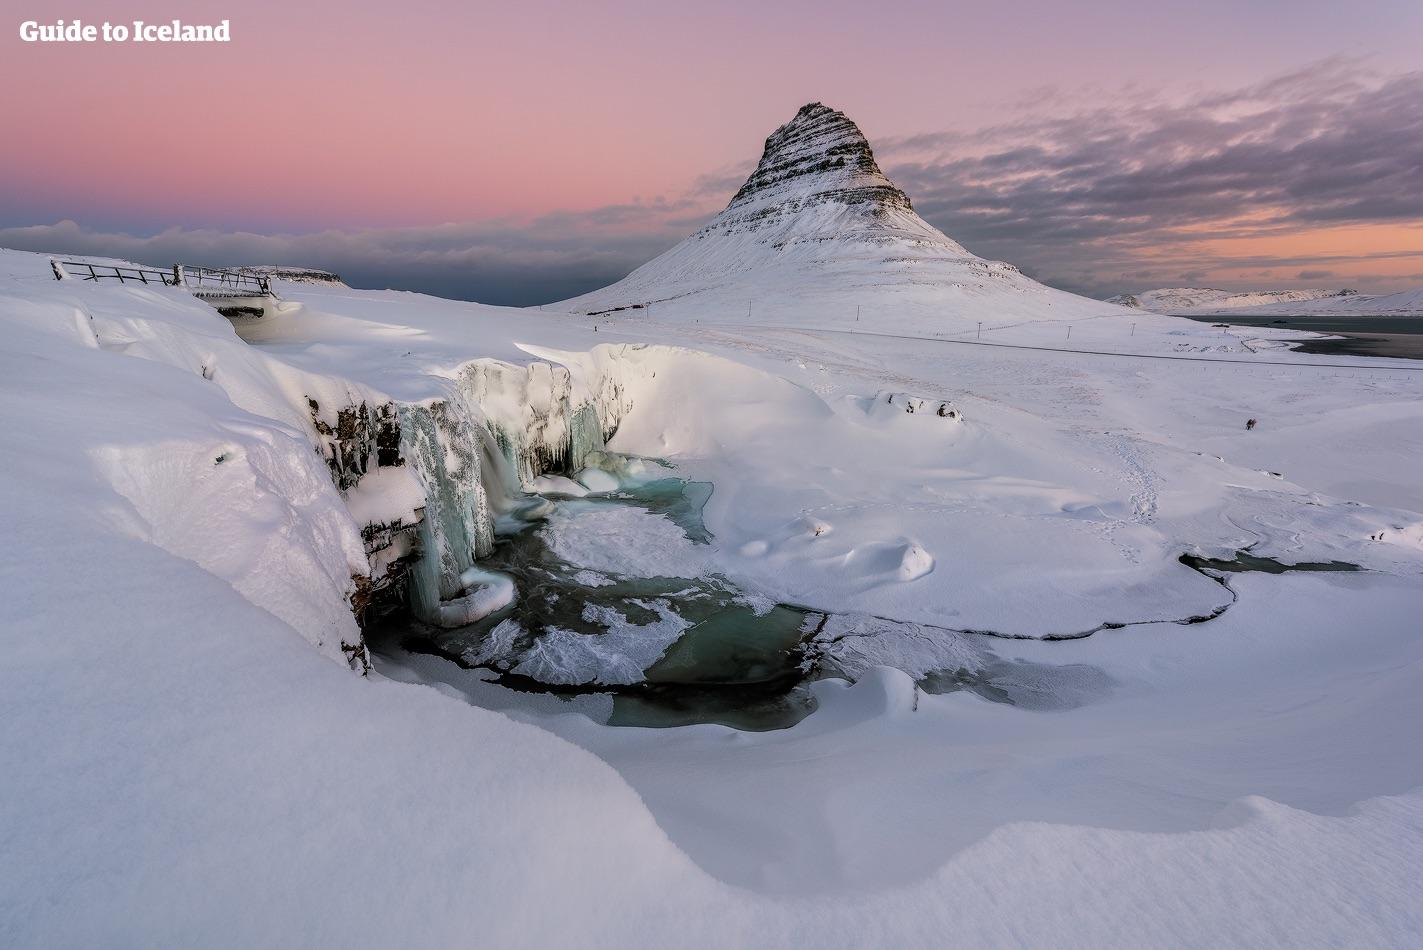 キルキュフェットルの山はアイスランドで最も写真を撮られた山